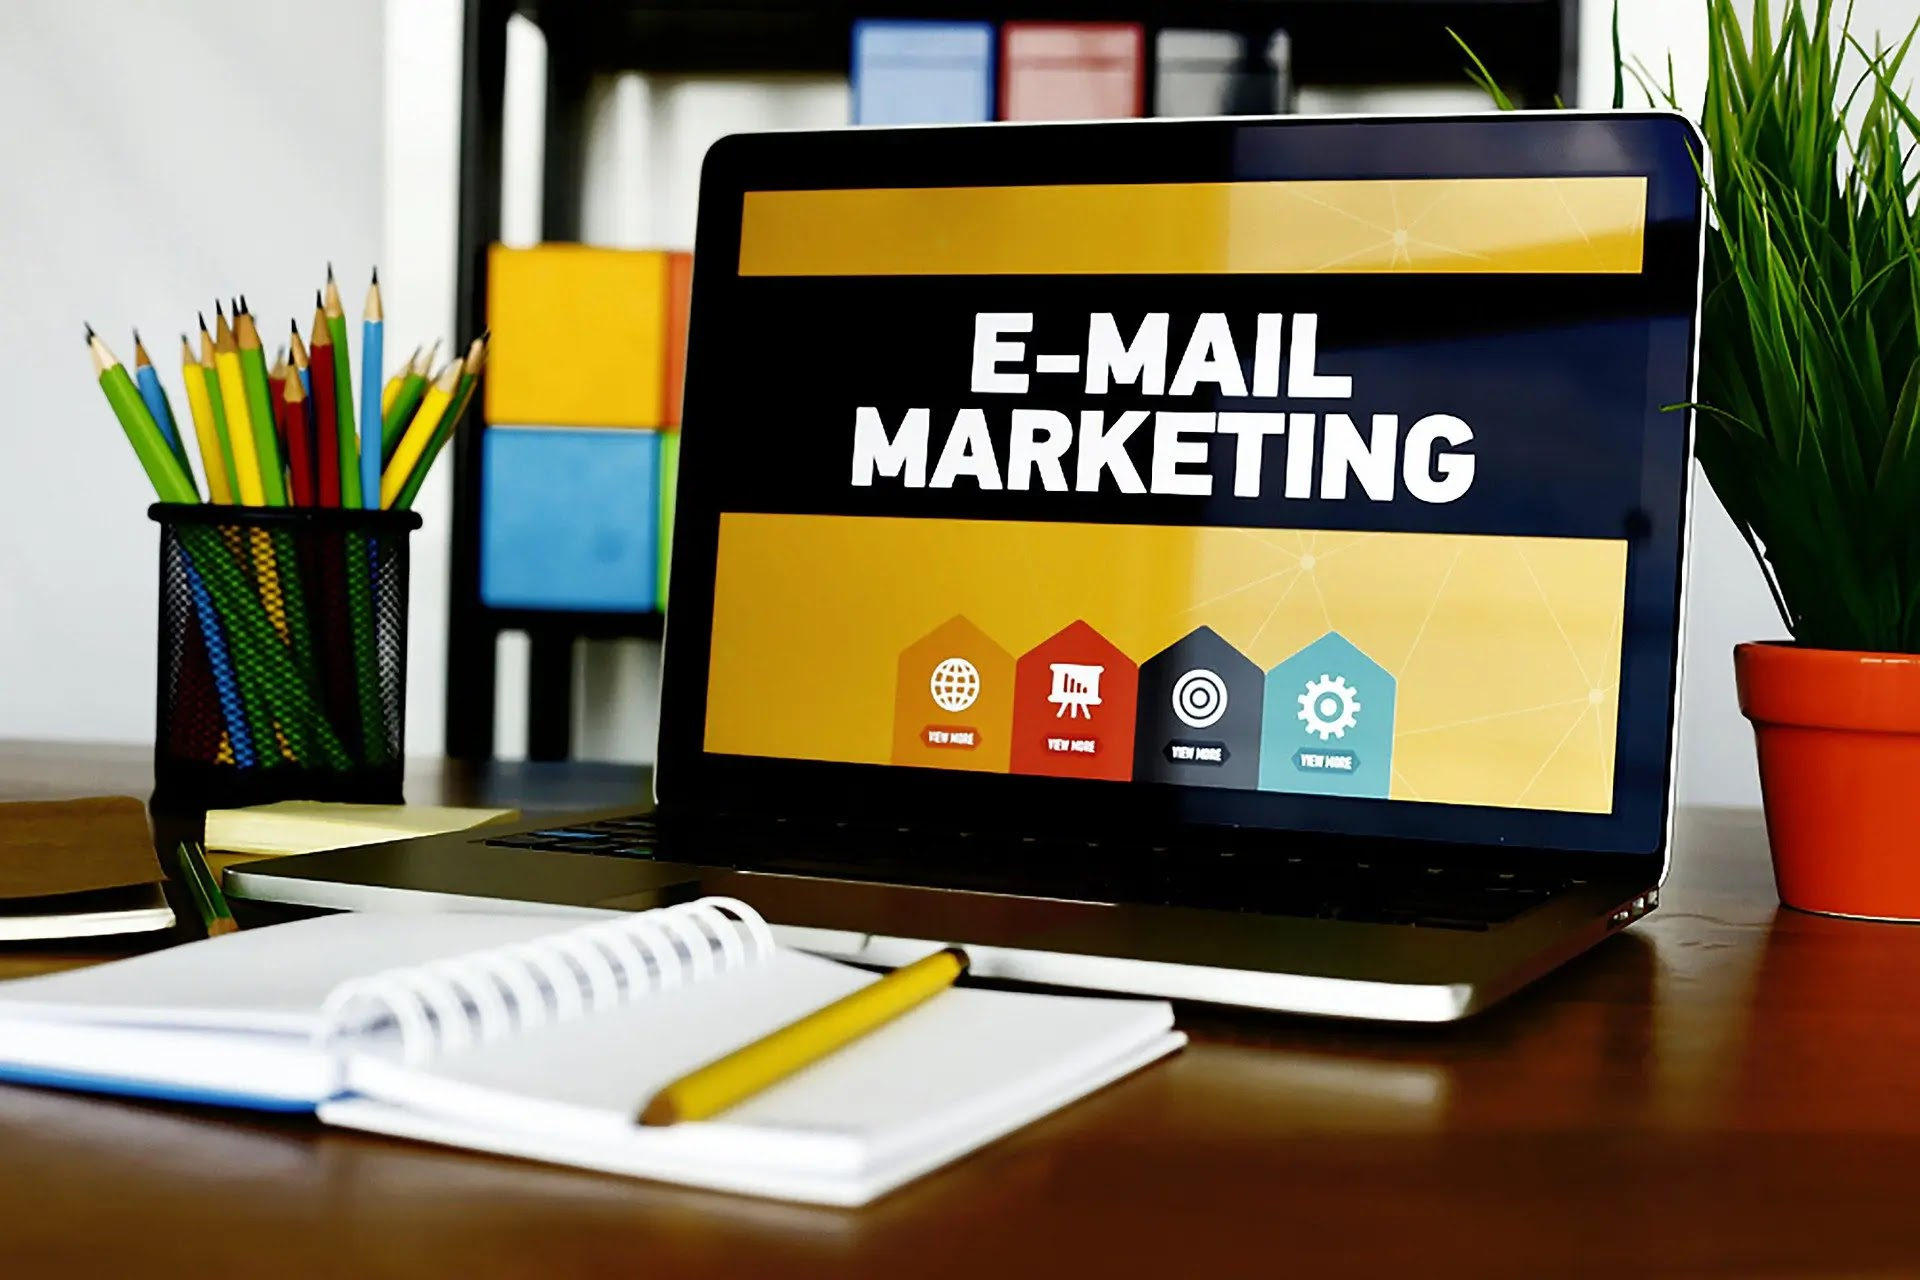 استخدام التسويق عبر البريد الإلكتروني لزيادة المبيعات